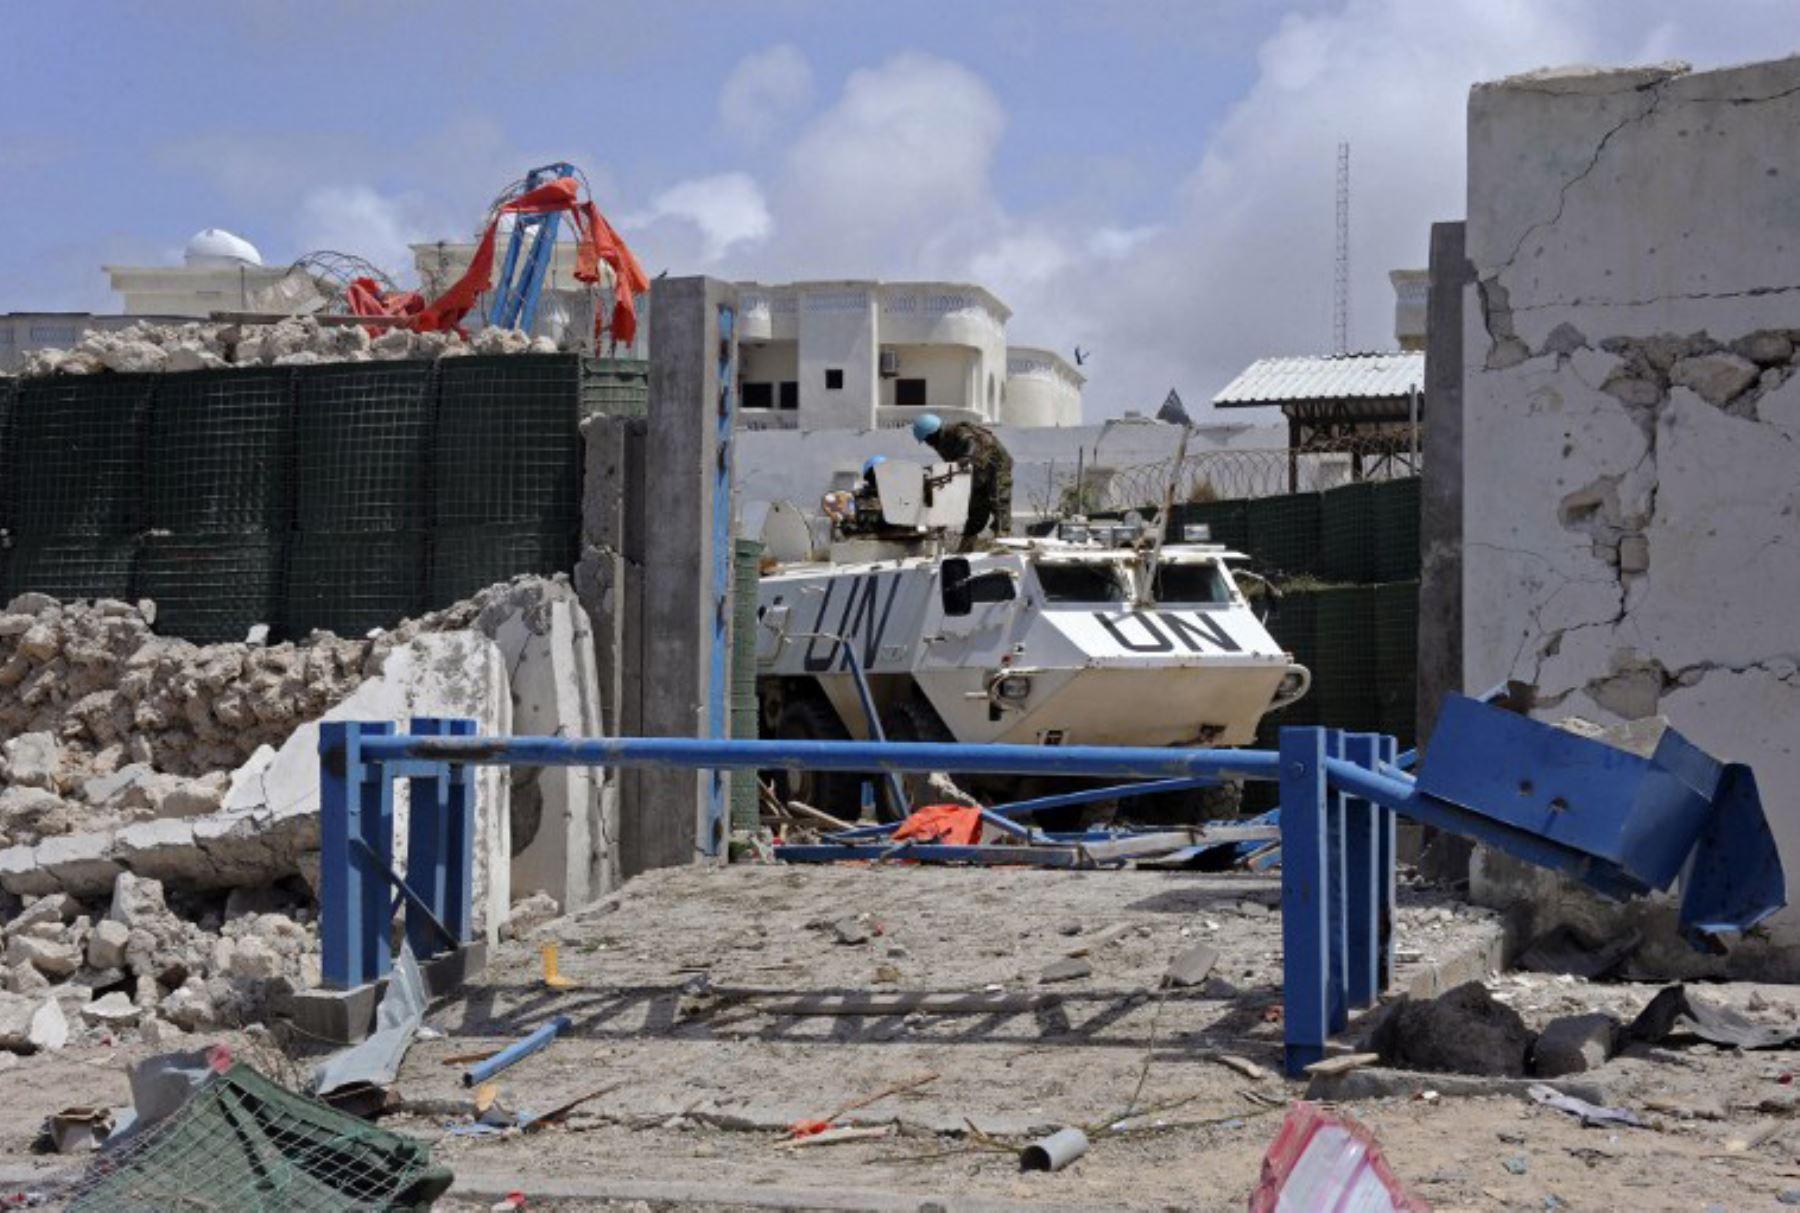 13 personas murieron el 26 de julio en dos bombardeos cerca de edificios de la ONU y de la Unión Africana. Foto: AFP